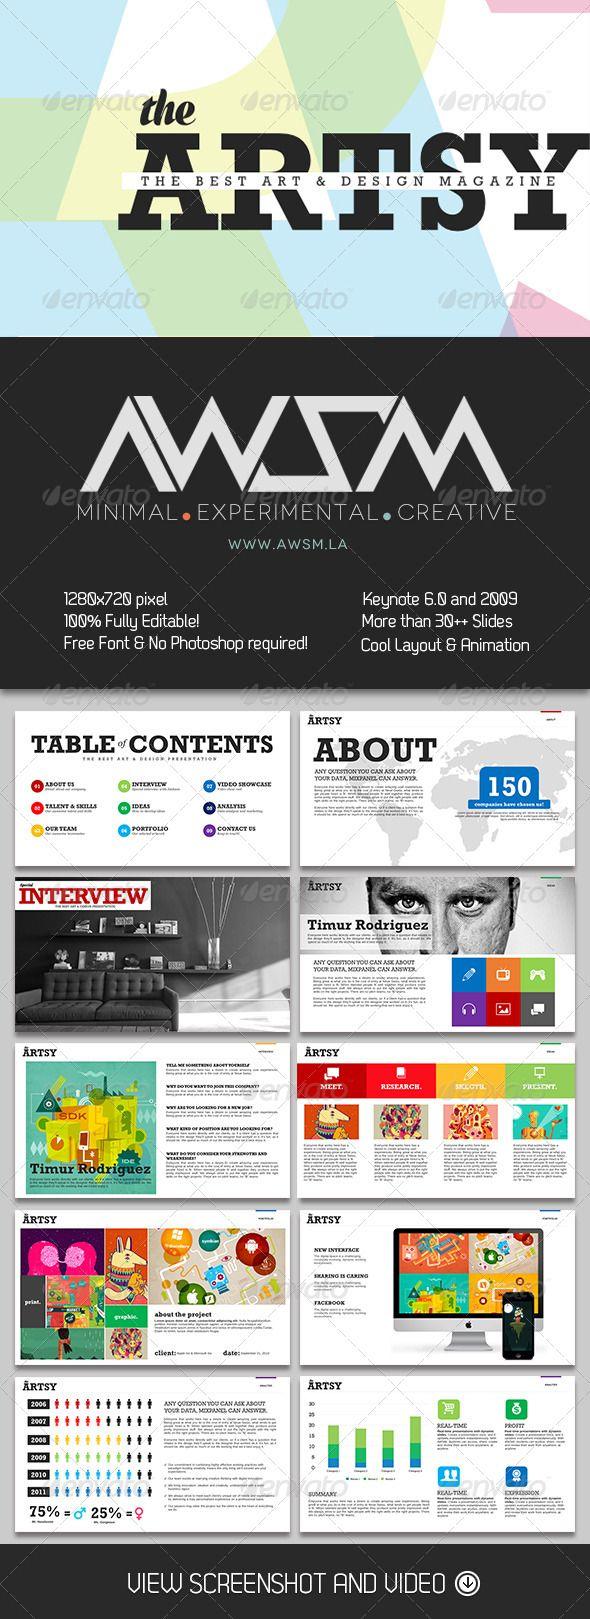 Artsy Magazine Keynote Presentation.  Presentation design layout. Inspirational presentation design samples.  Visit us at: www.sodapopmedia.com #PresentationDesign #Presentation #Multimedia #Interactive